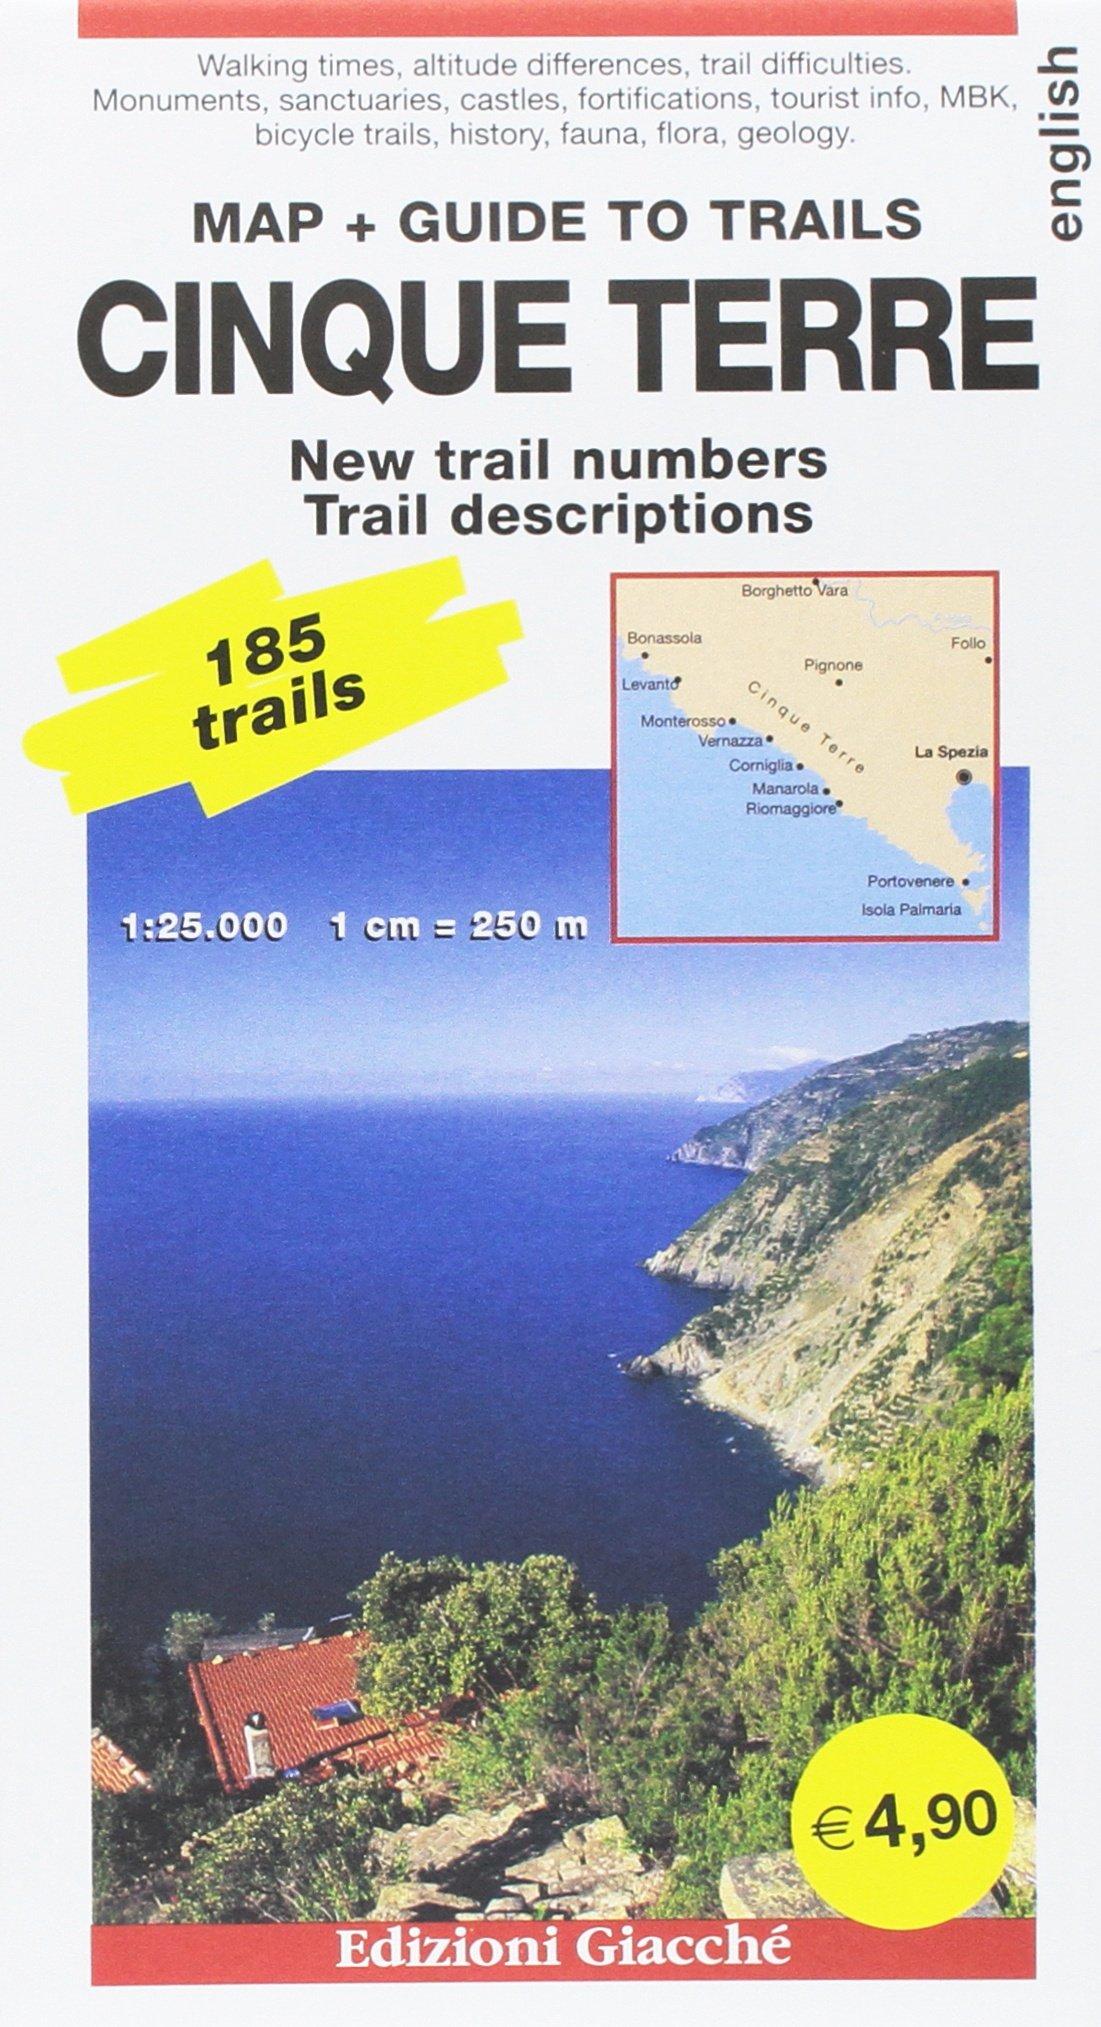 Cinque Terre map + Guide to trails. 185 trails 1:25.000 ... on san gimignano map, aeolian islands map, siena map, la spezia map, liguria map, manarola map, vernazza map, venice map, monterosso al mare, italy map, florence map, italian riviera map, san gimignano, lucca map, pisa map, la spezia, capri map, amalfi coast map, tuscany map, genoa map, italian riviera, positano map, portofino map, pietrasanta map,